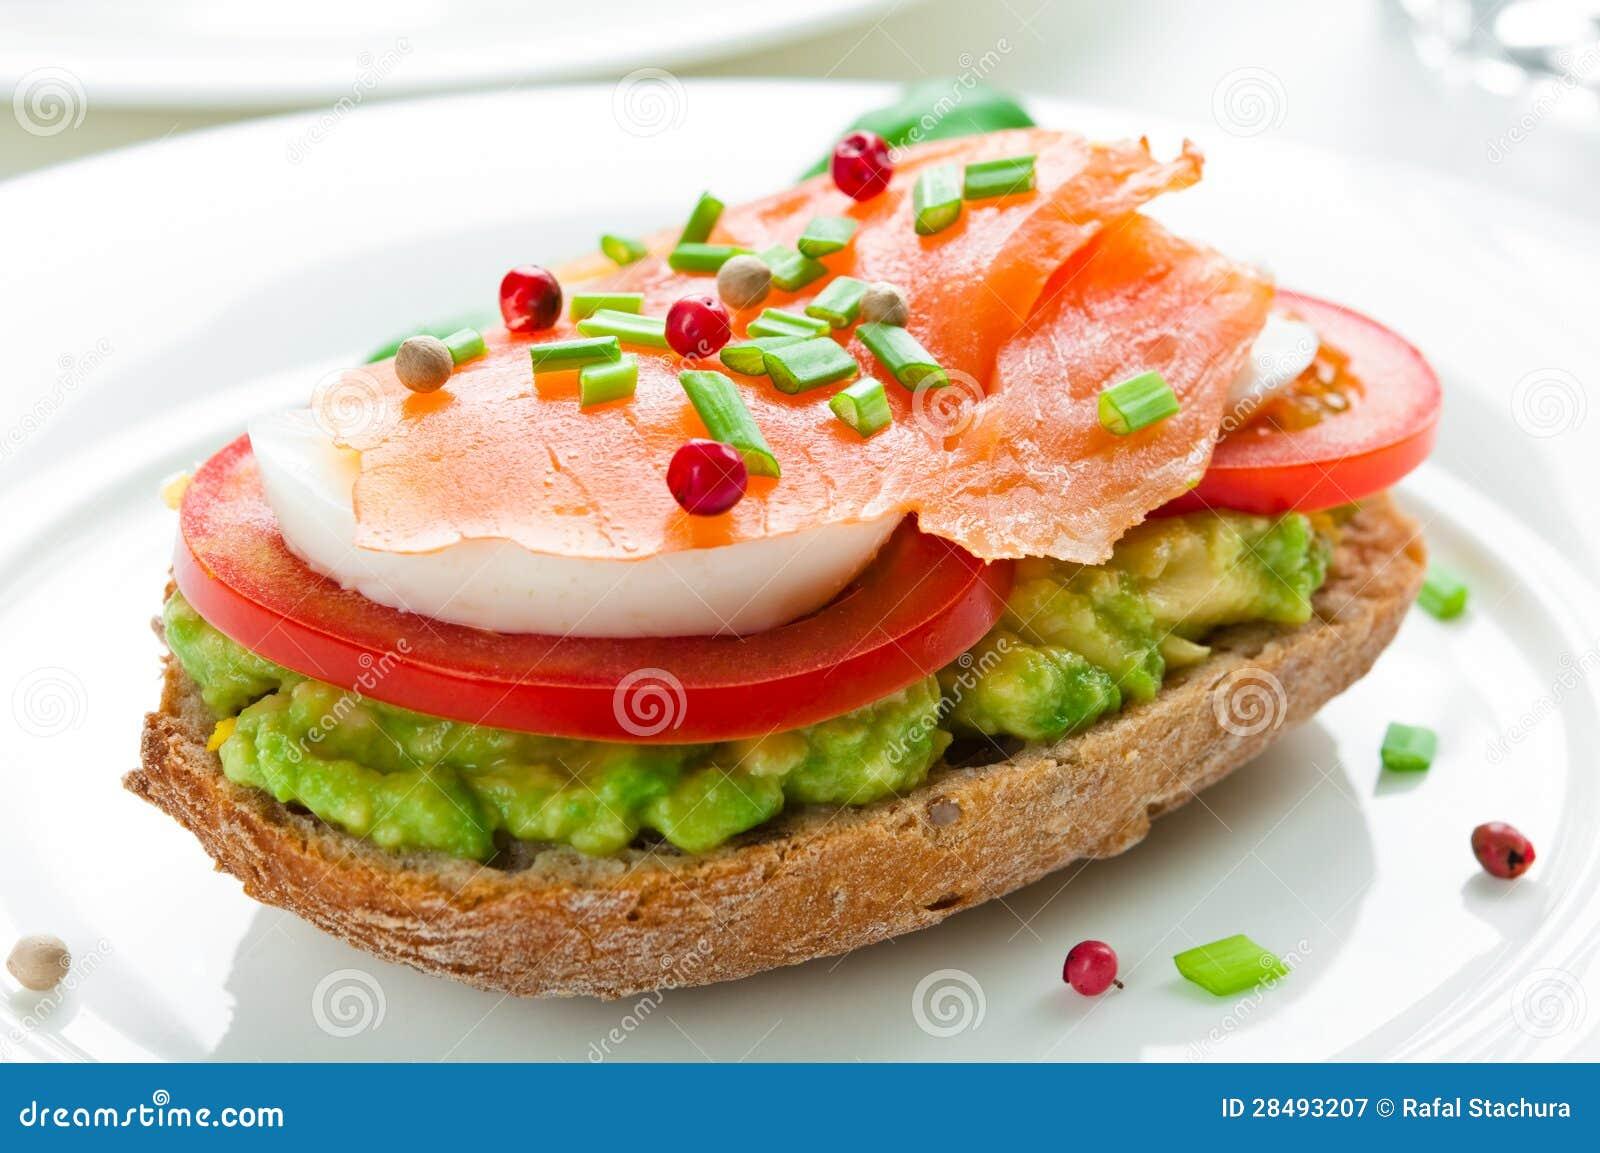 Sandwich mit geräuchertem Lachs